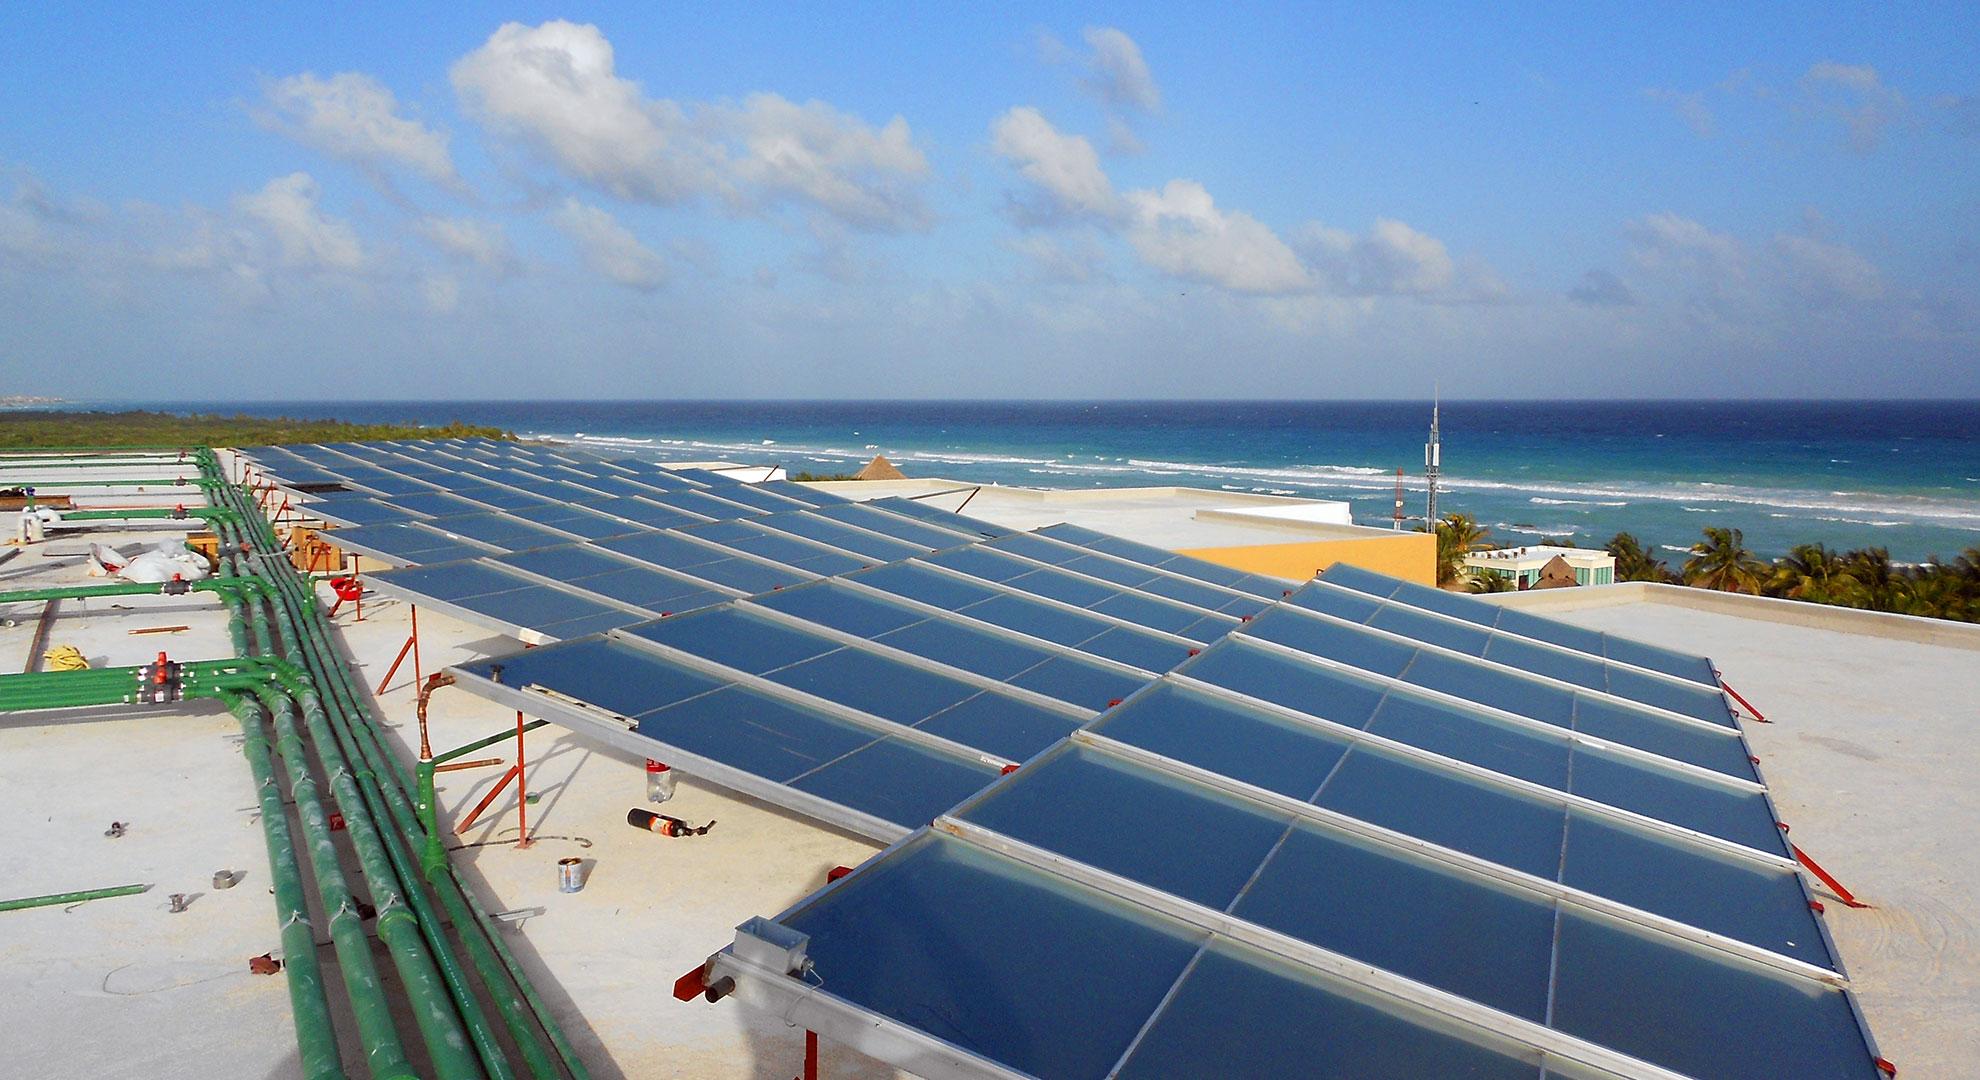 Instalación hotel sea side en Riviera Maya